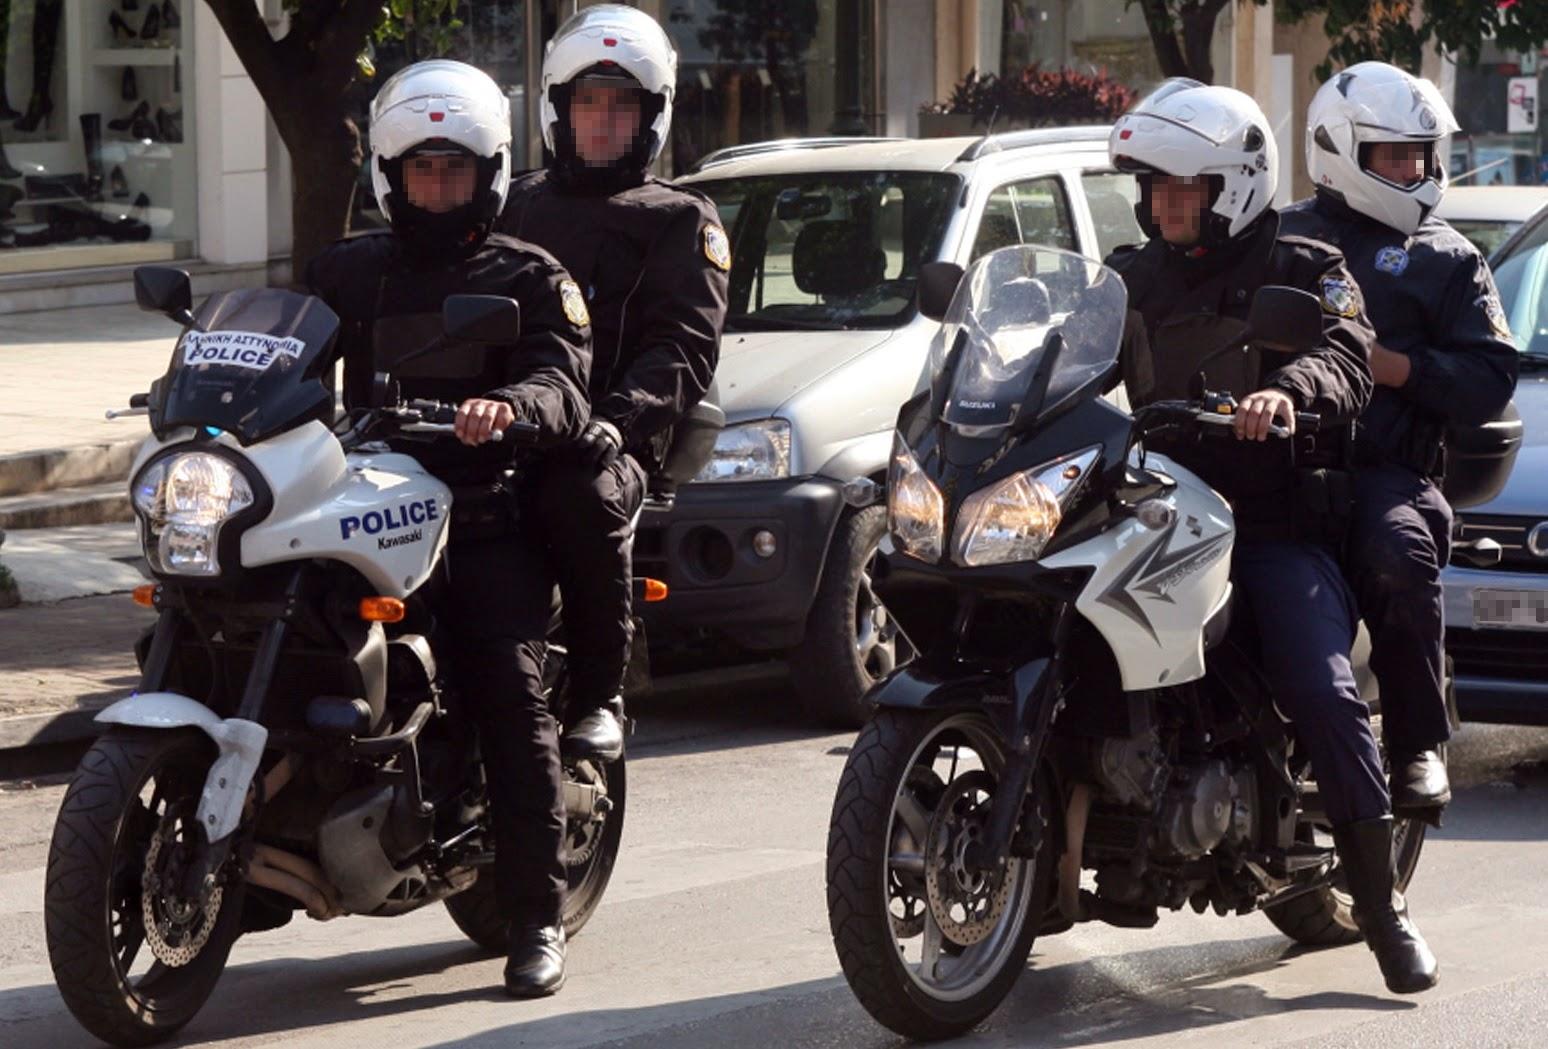 αστυνομικοι εσωσαν 4χρονο αγορακι